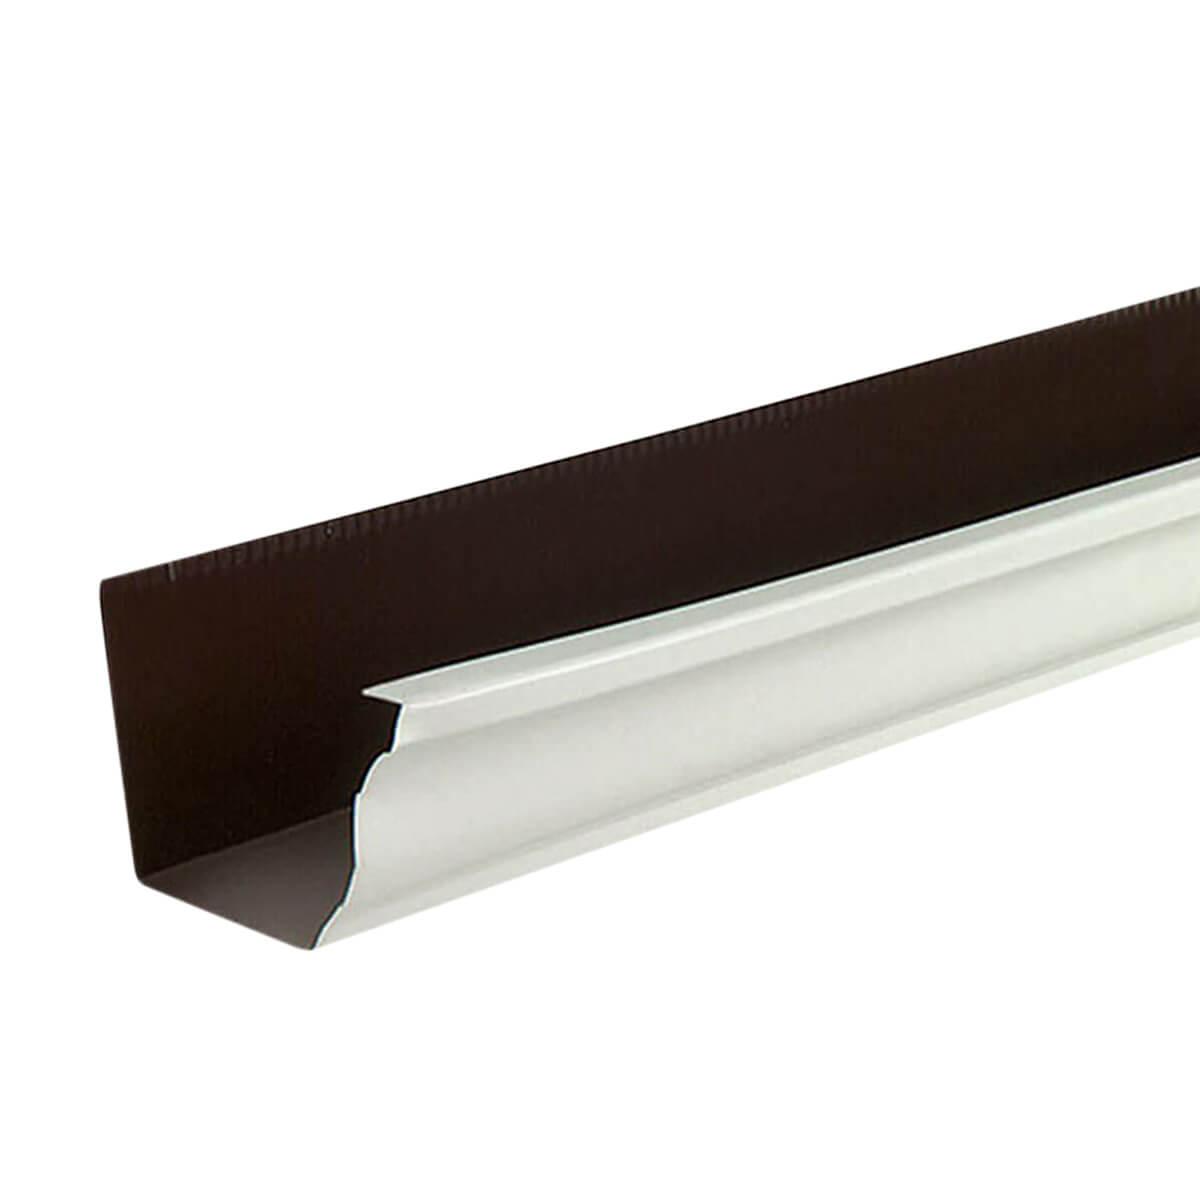 Aluminum Eavestrough - Brown